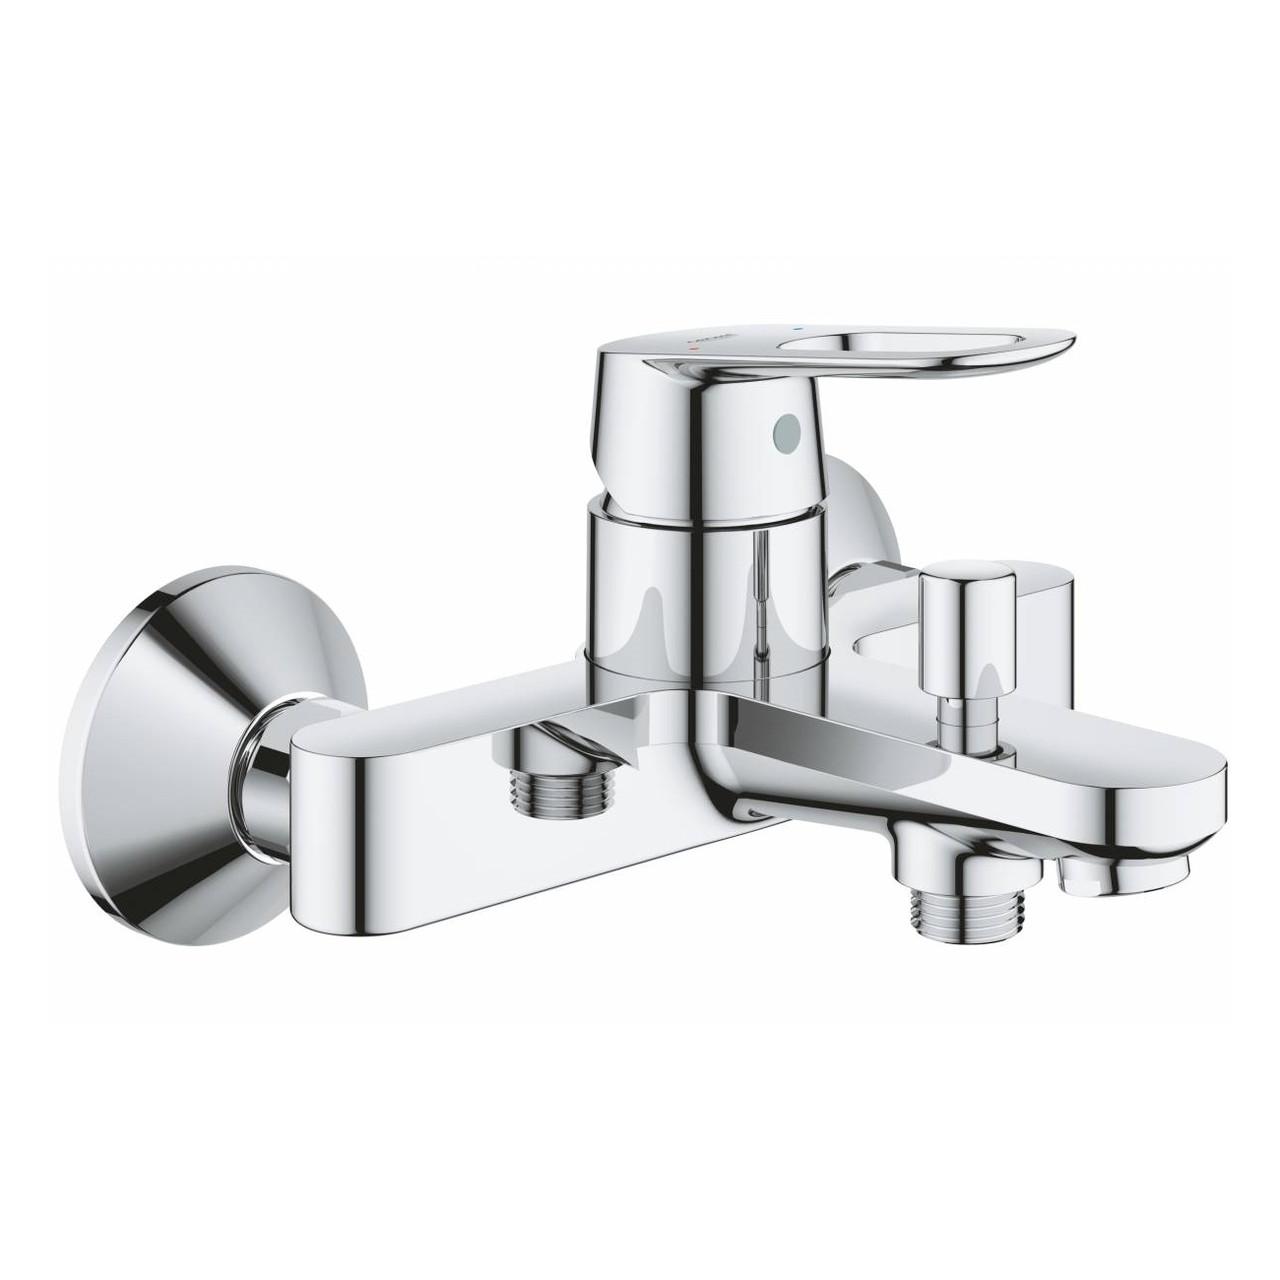 BAULOOP смеситель для ванны, настенный монтаж